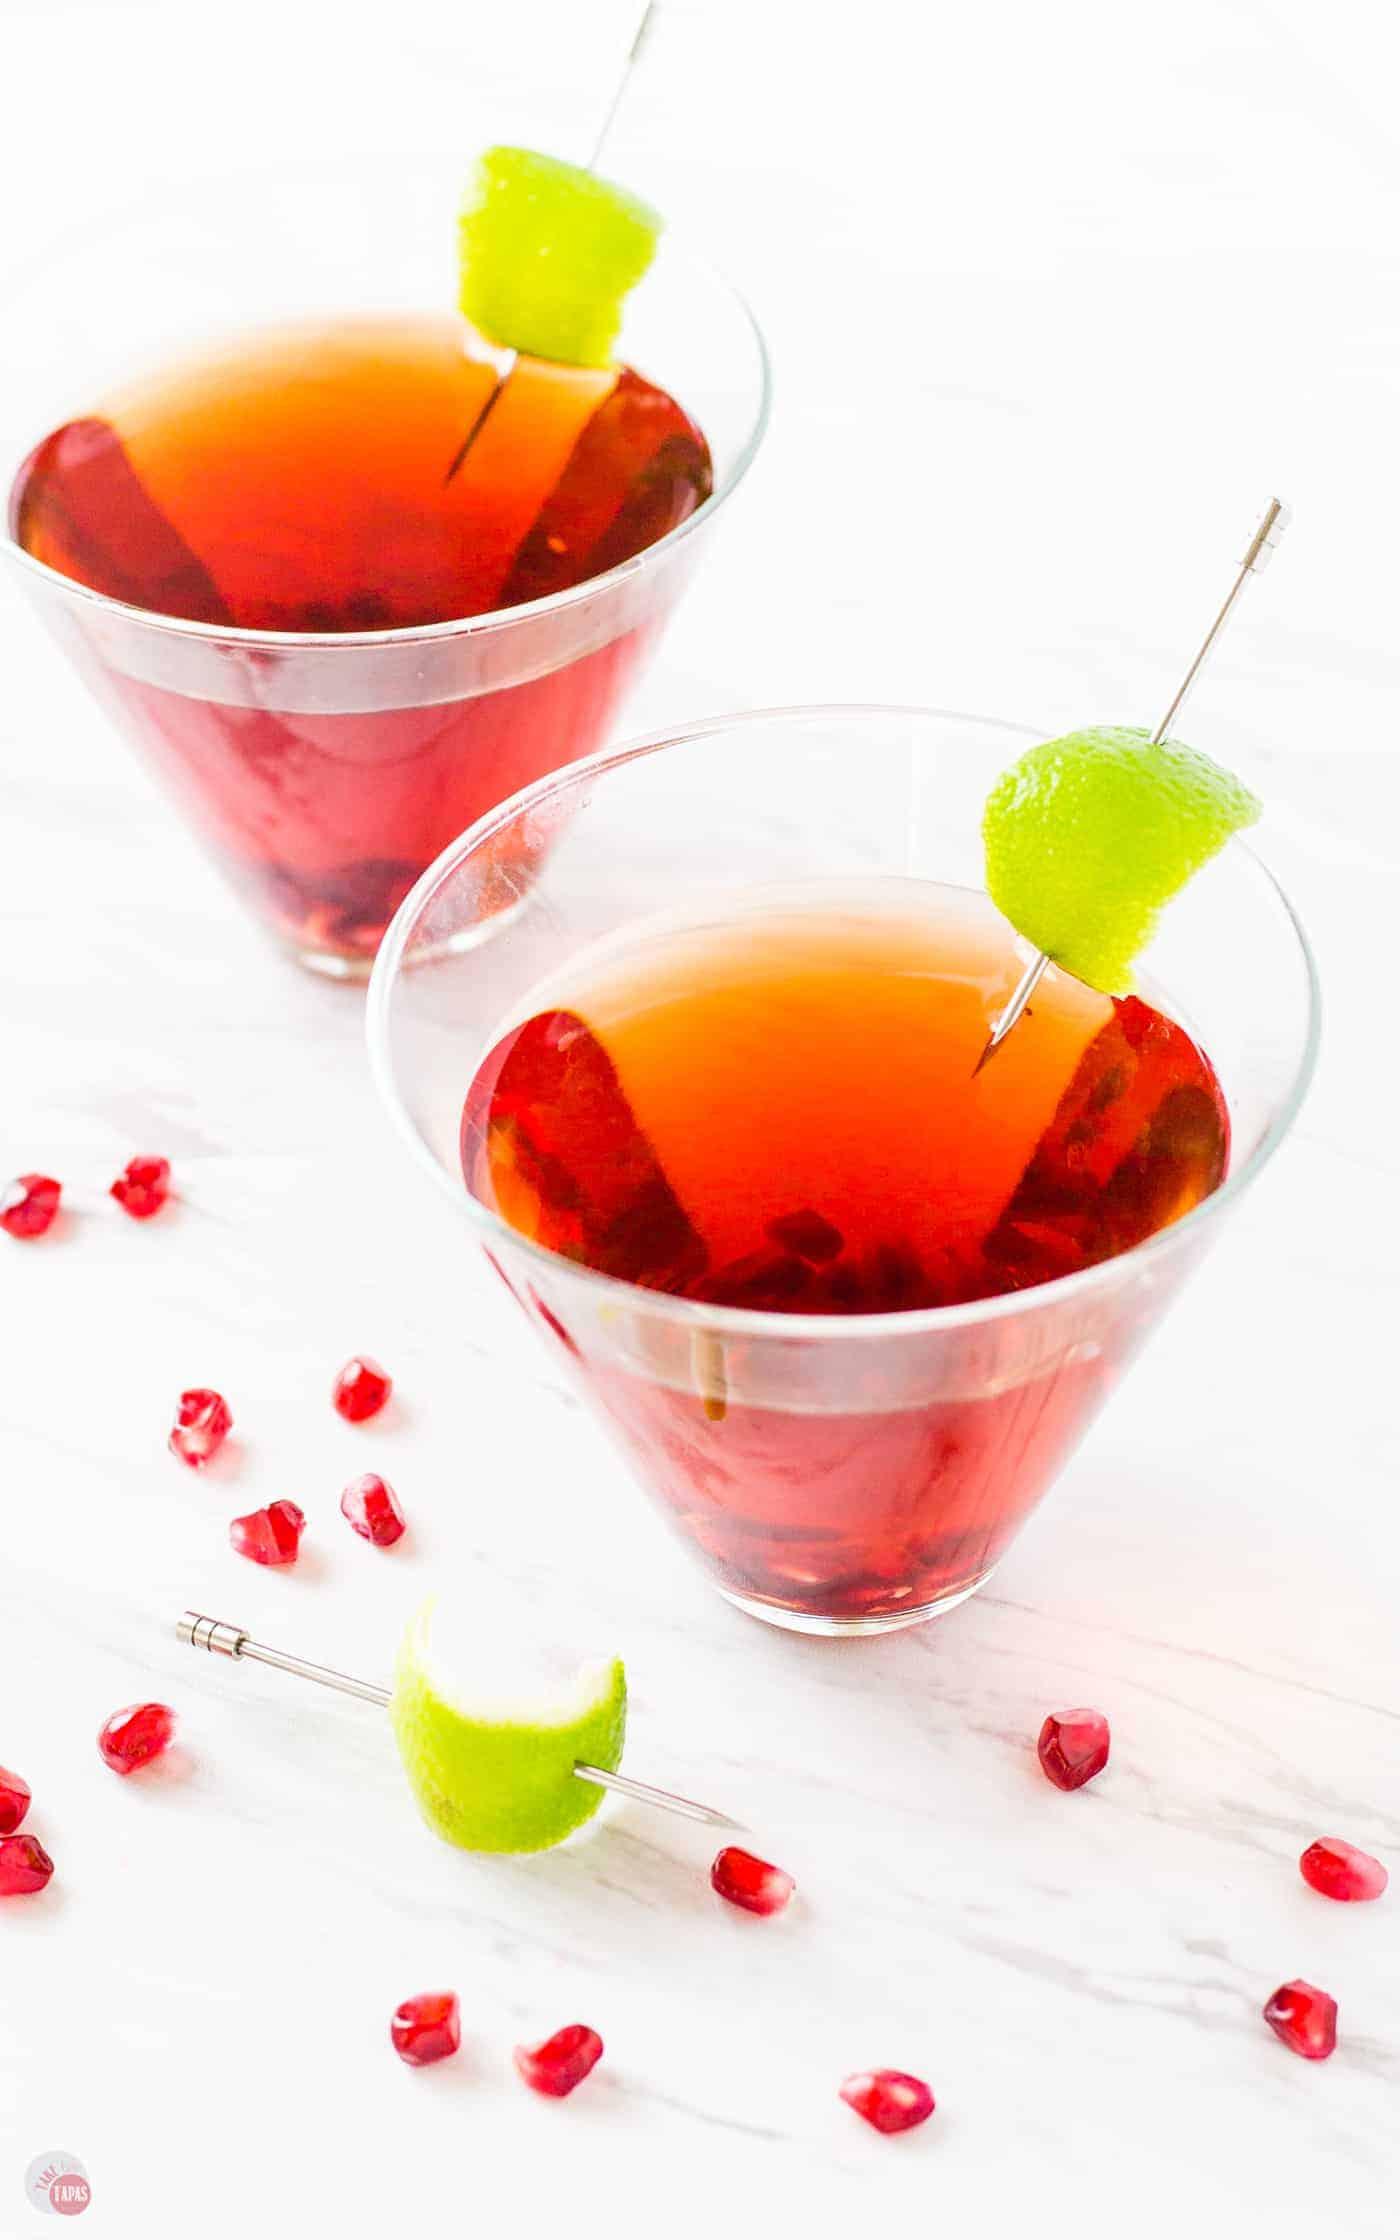 Pomegranate Gimlet #Pomegranate #Gimlet #TakeTwoTapasCocktails   Take Two Tapas